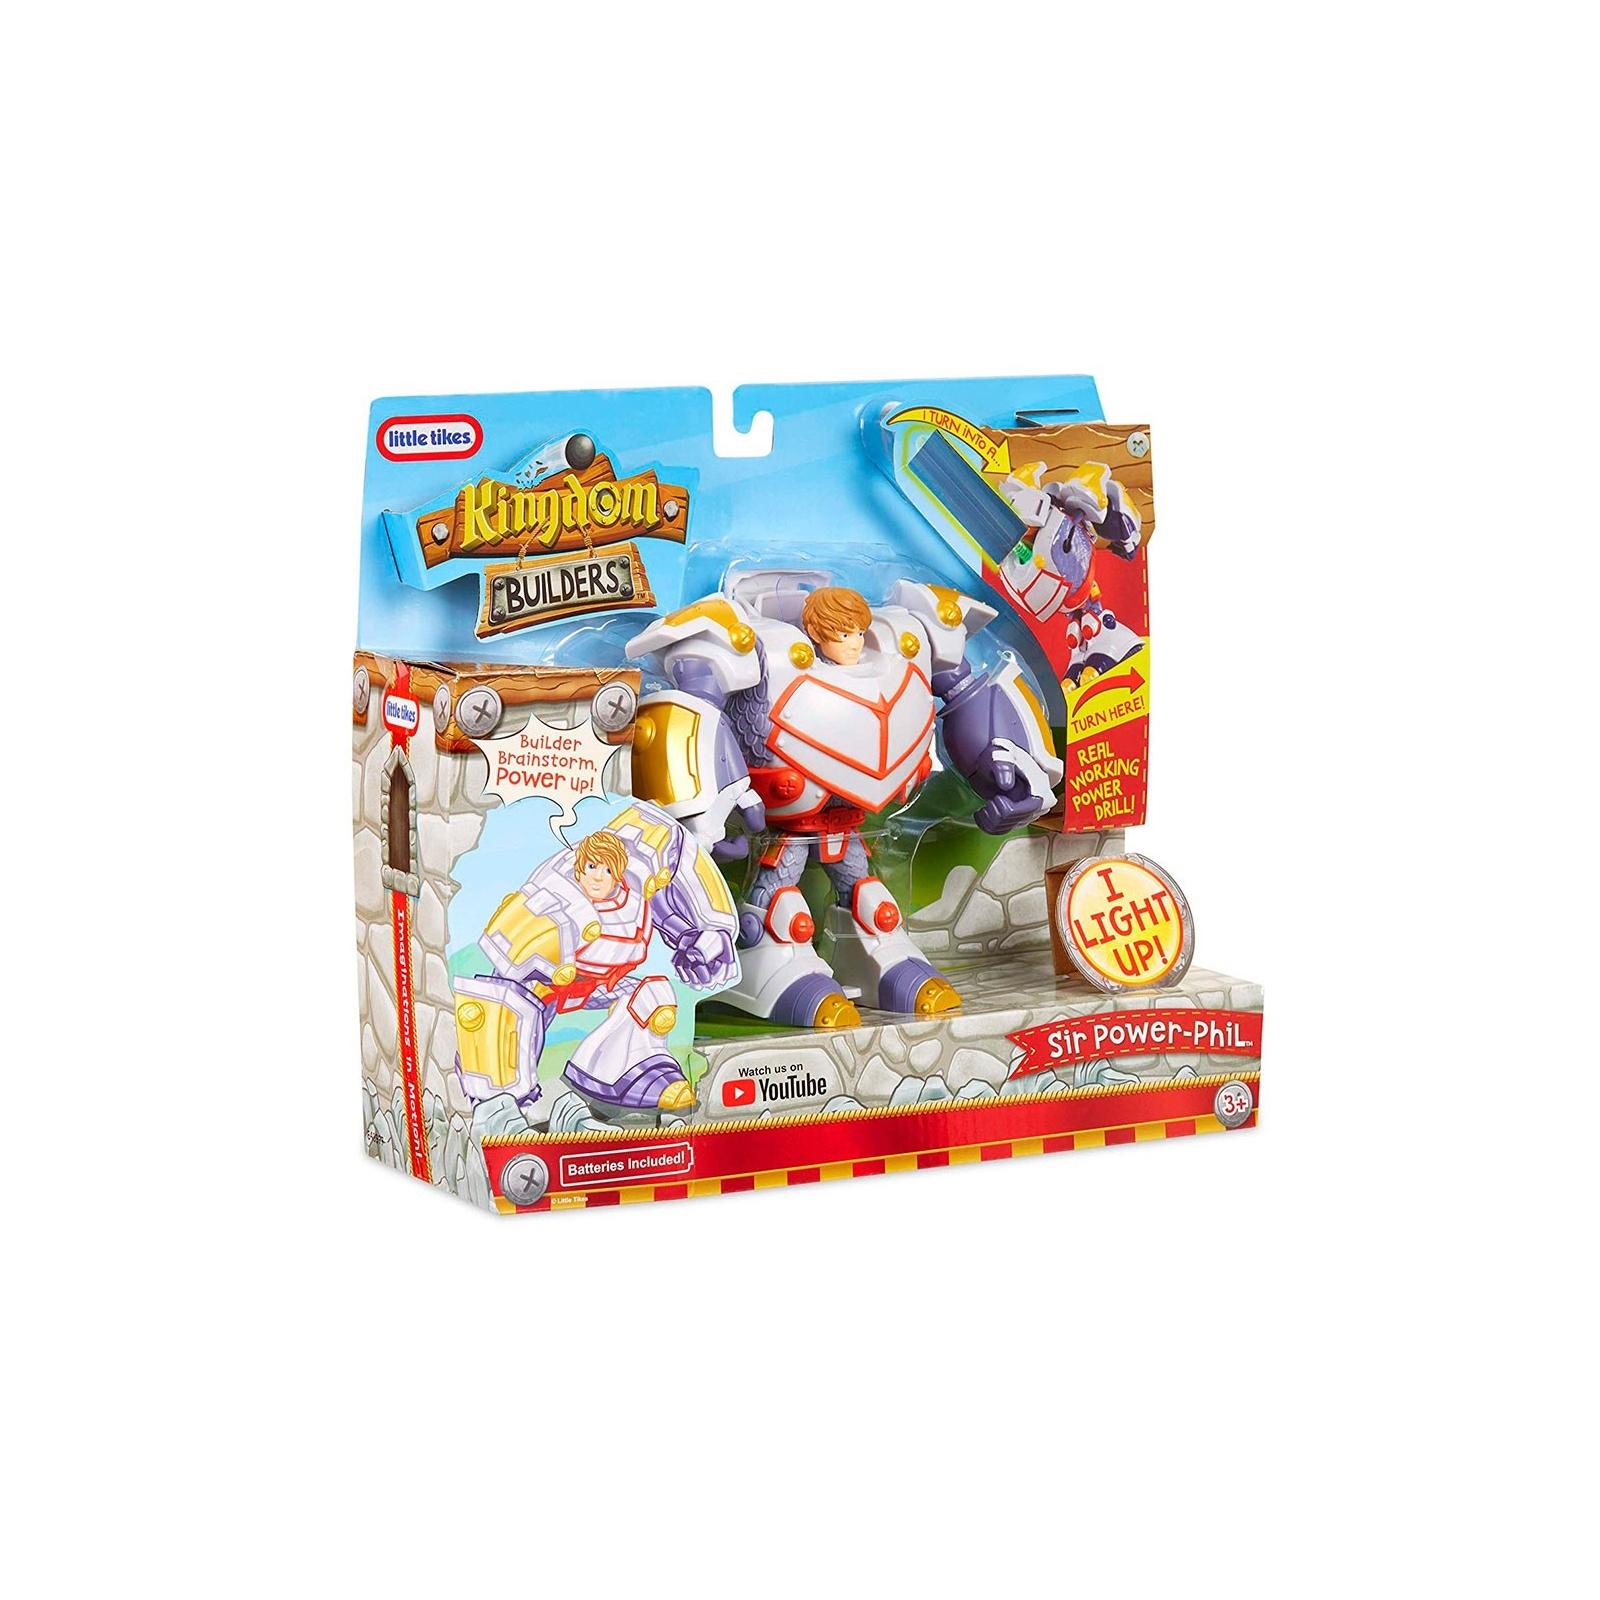 Трансформер Kingdom Builders со светом Сэр Филипп-силач (648977) изображение 3